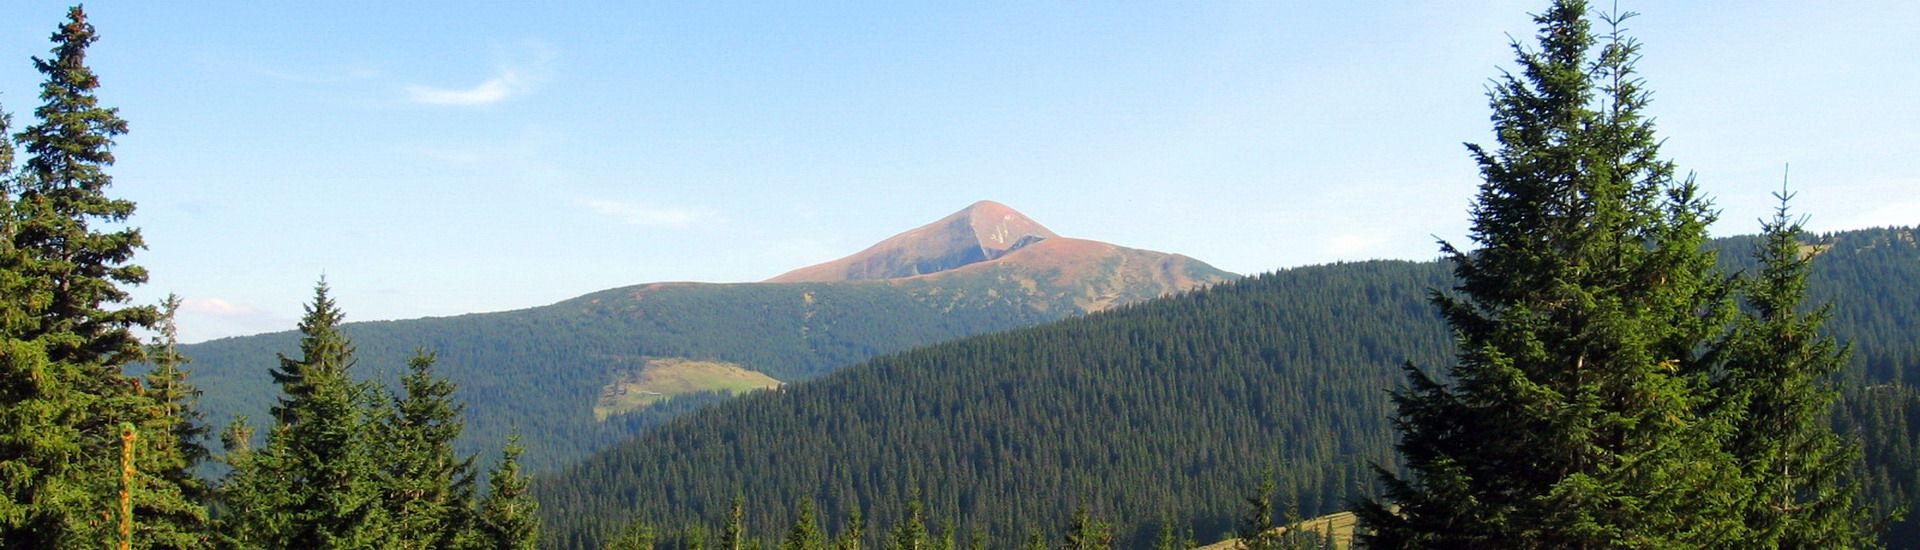 Чорногірський хребет, панорама гори Говерла